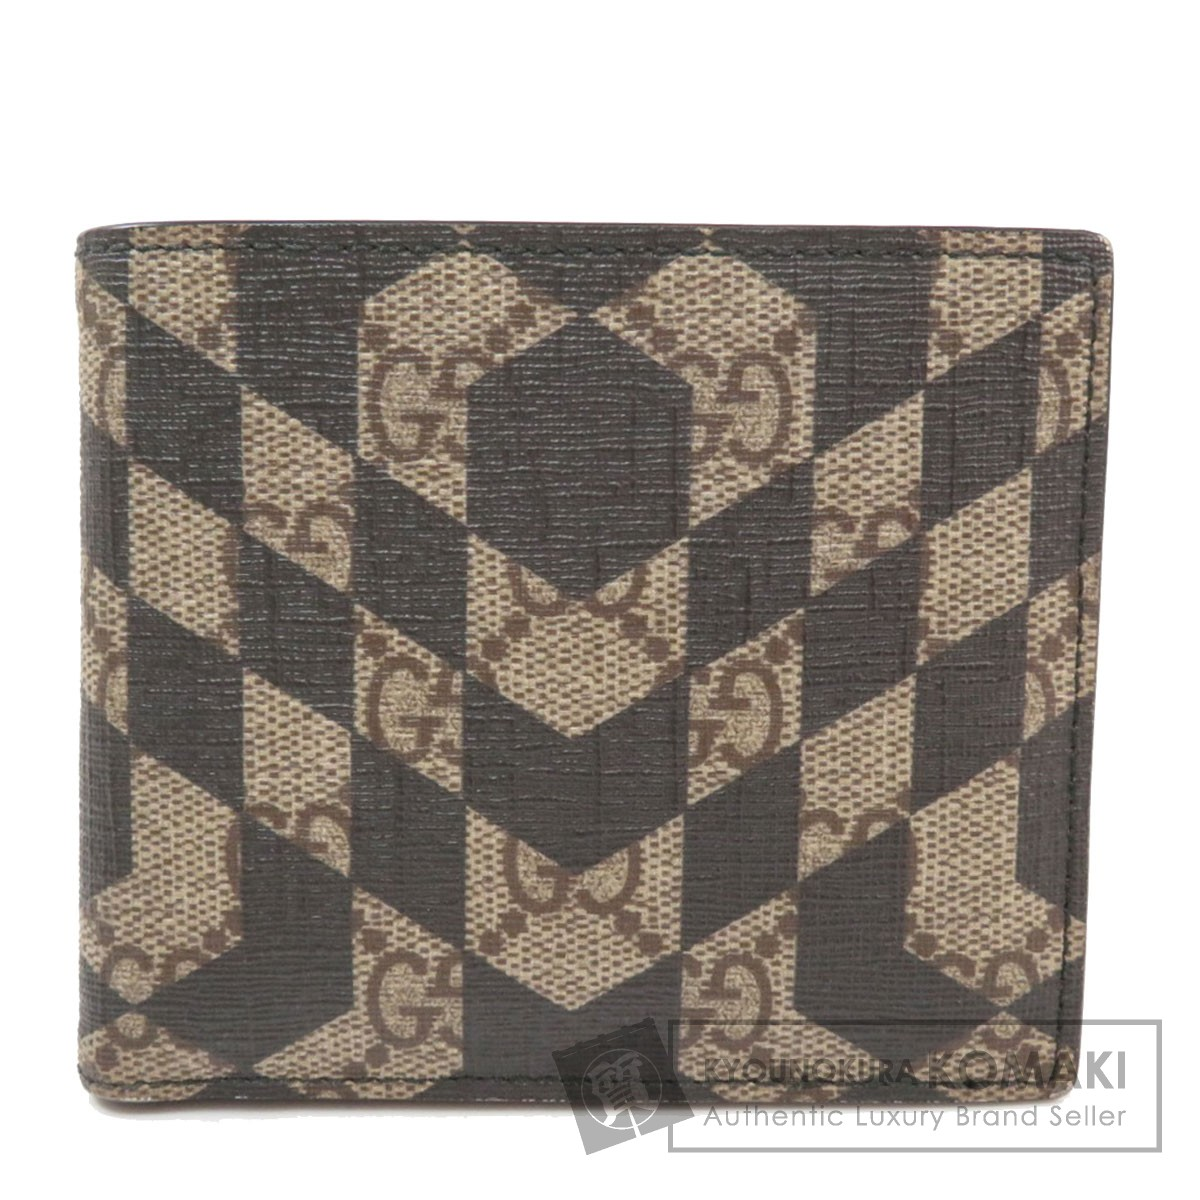 グッチ 406558 GGスプリーム 二つ折り財布(小銭入れあり) PVC メンズ 【中古】【GUCCI】